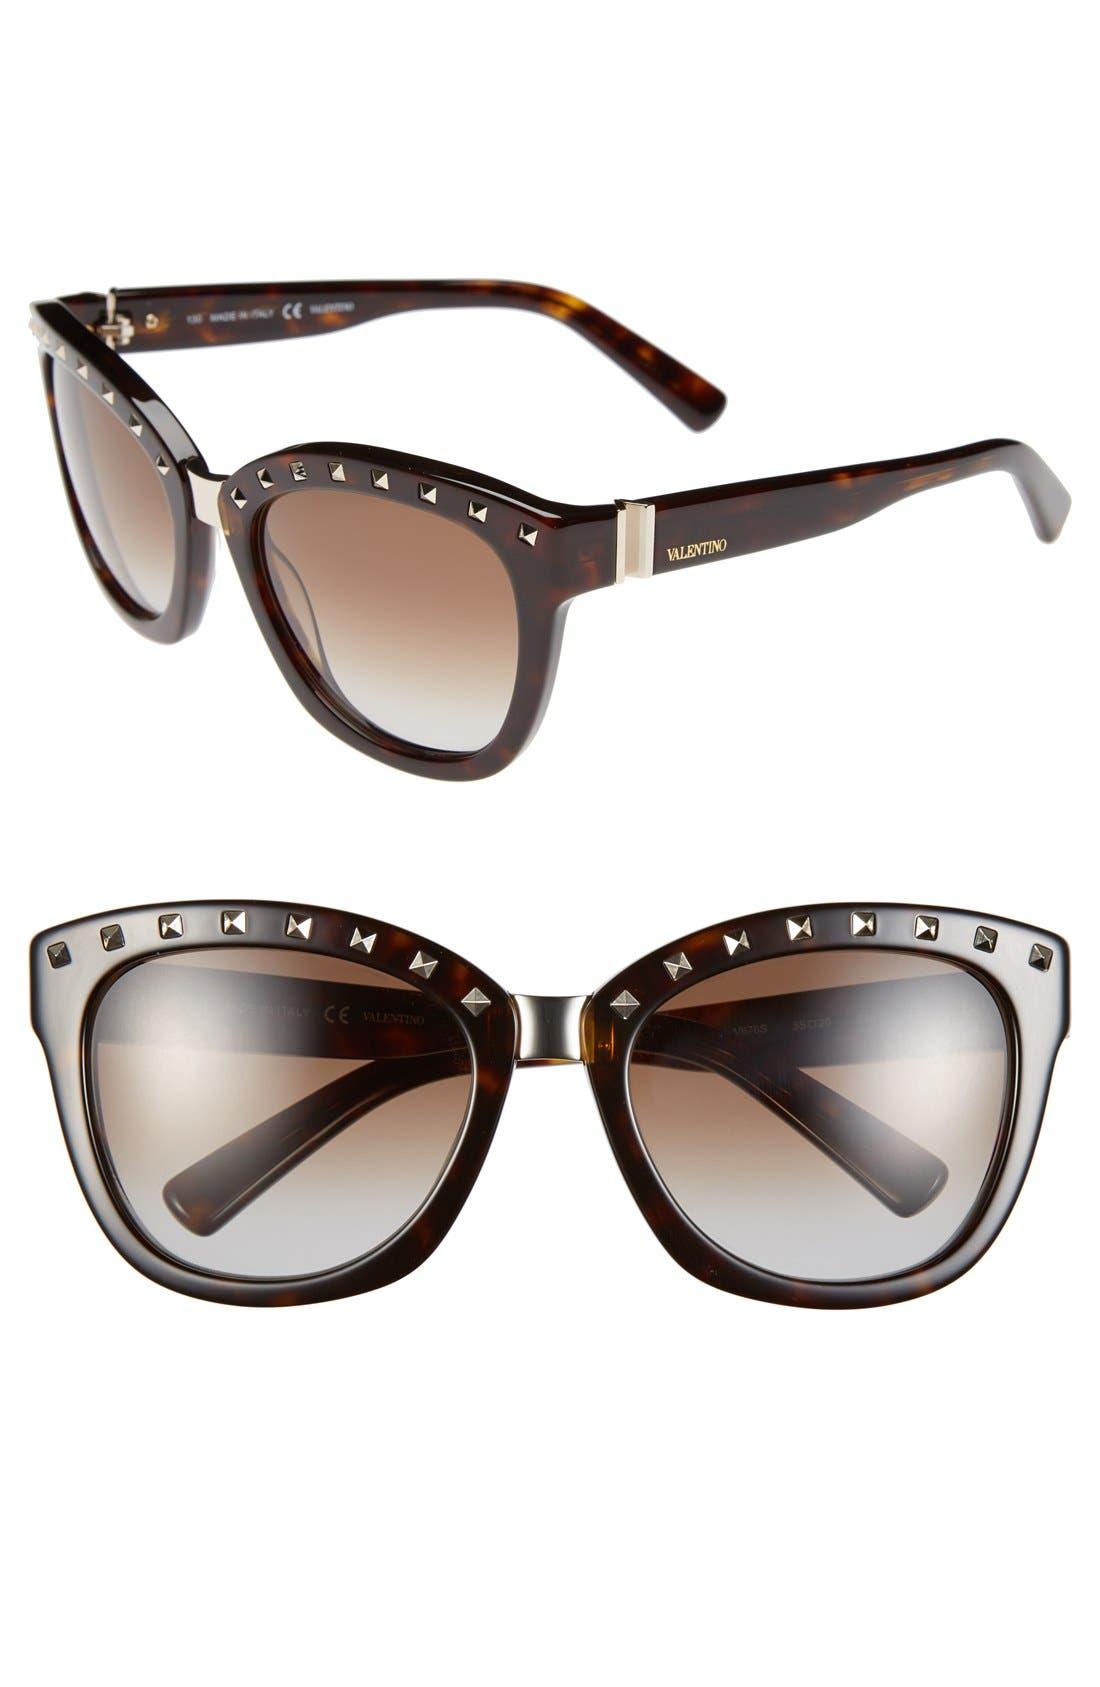 Alternate Image 1 Selected - Valentino 'Rockstud' 55mm Studded Sunglasses